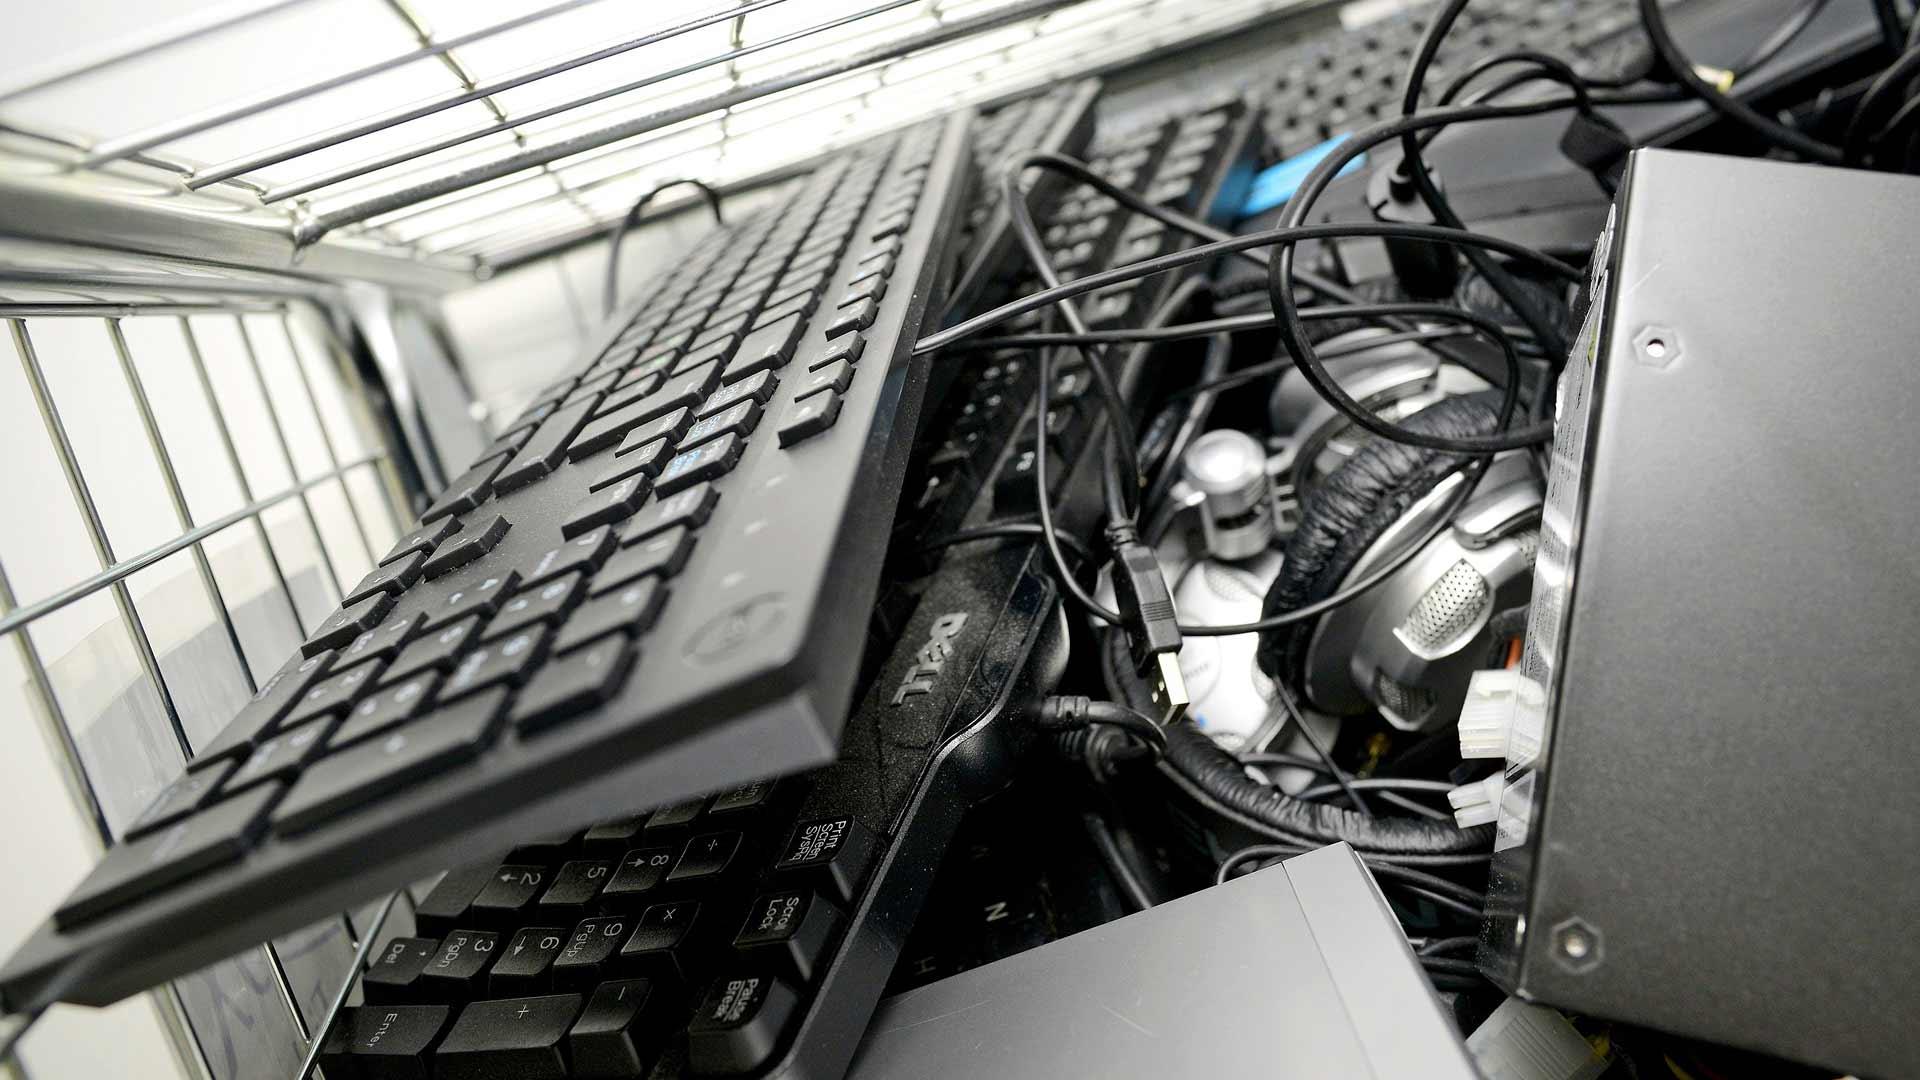 Jätesalakuljettajien suosituinta materiaalia on elektroniikkaromu, etenkin puhelinten ja tietokoneiden sisältämät erikoismetallit.